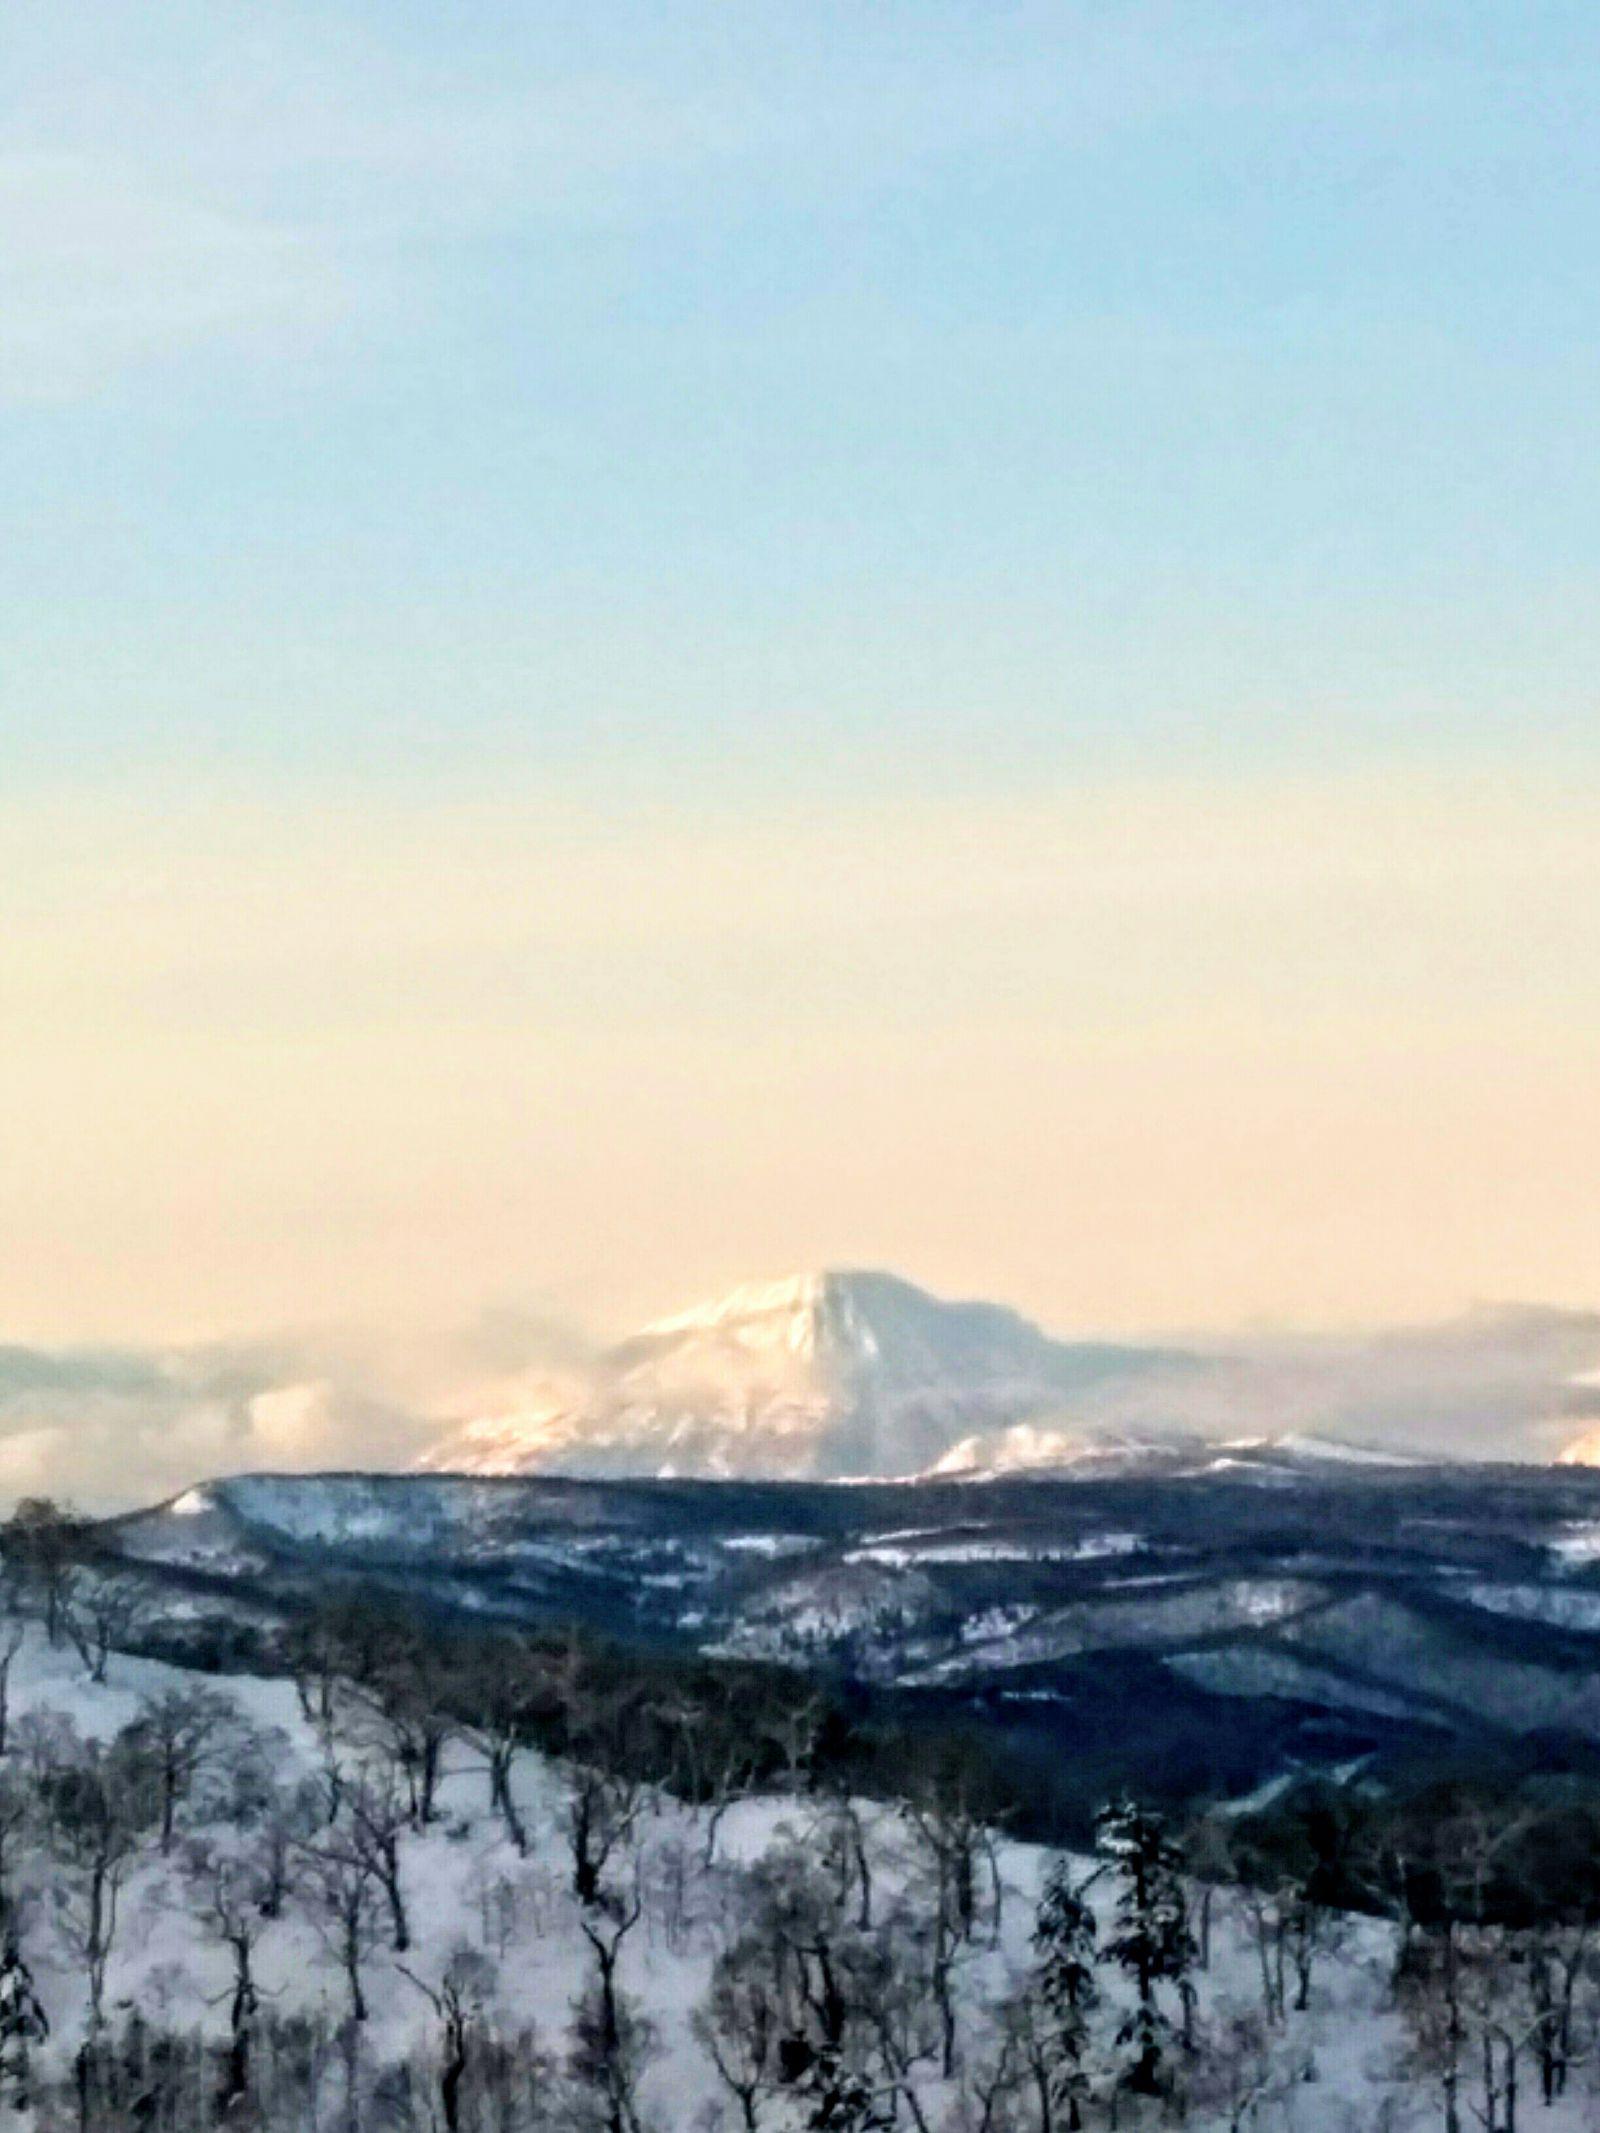 【オロフレ峠】冬のオロフレ峠からの風景写真です。